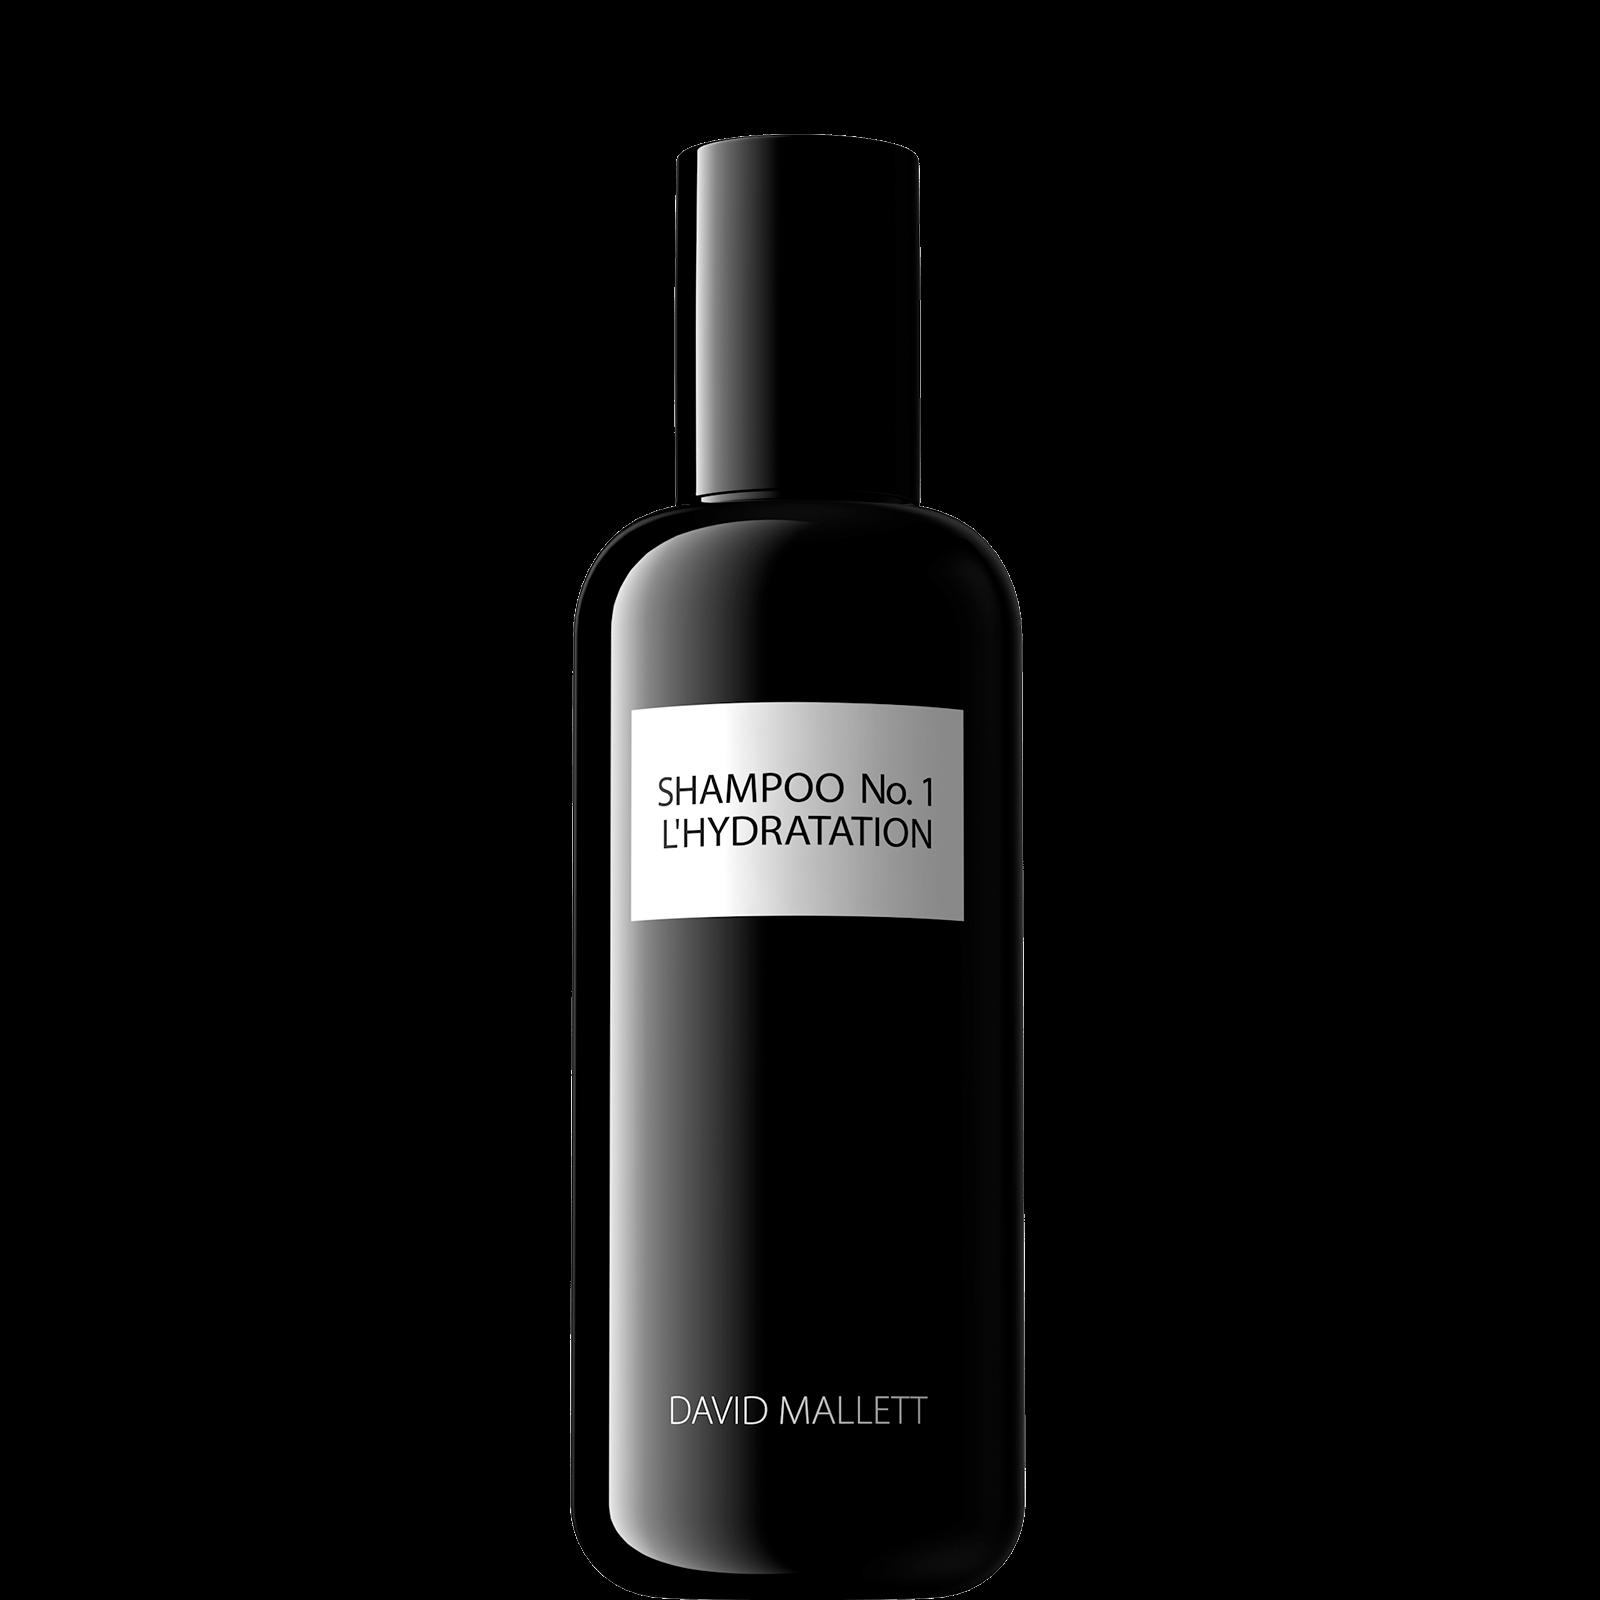 Shampoo No.1 HYDRATATION